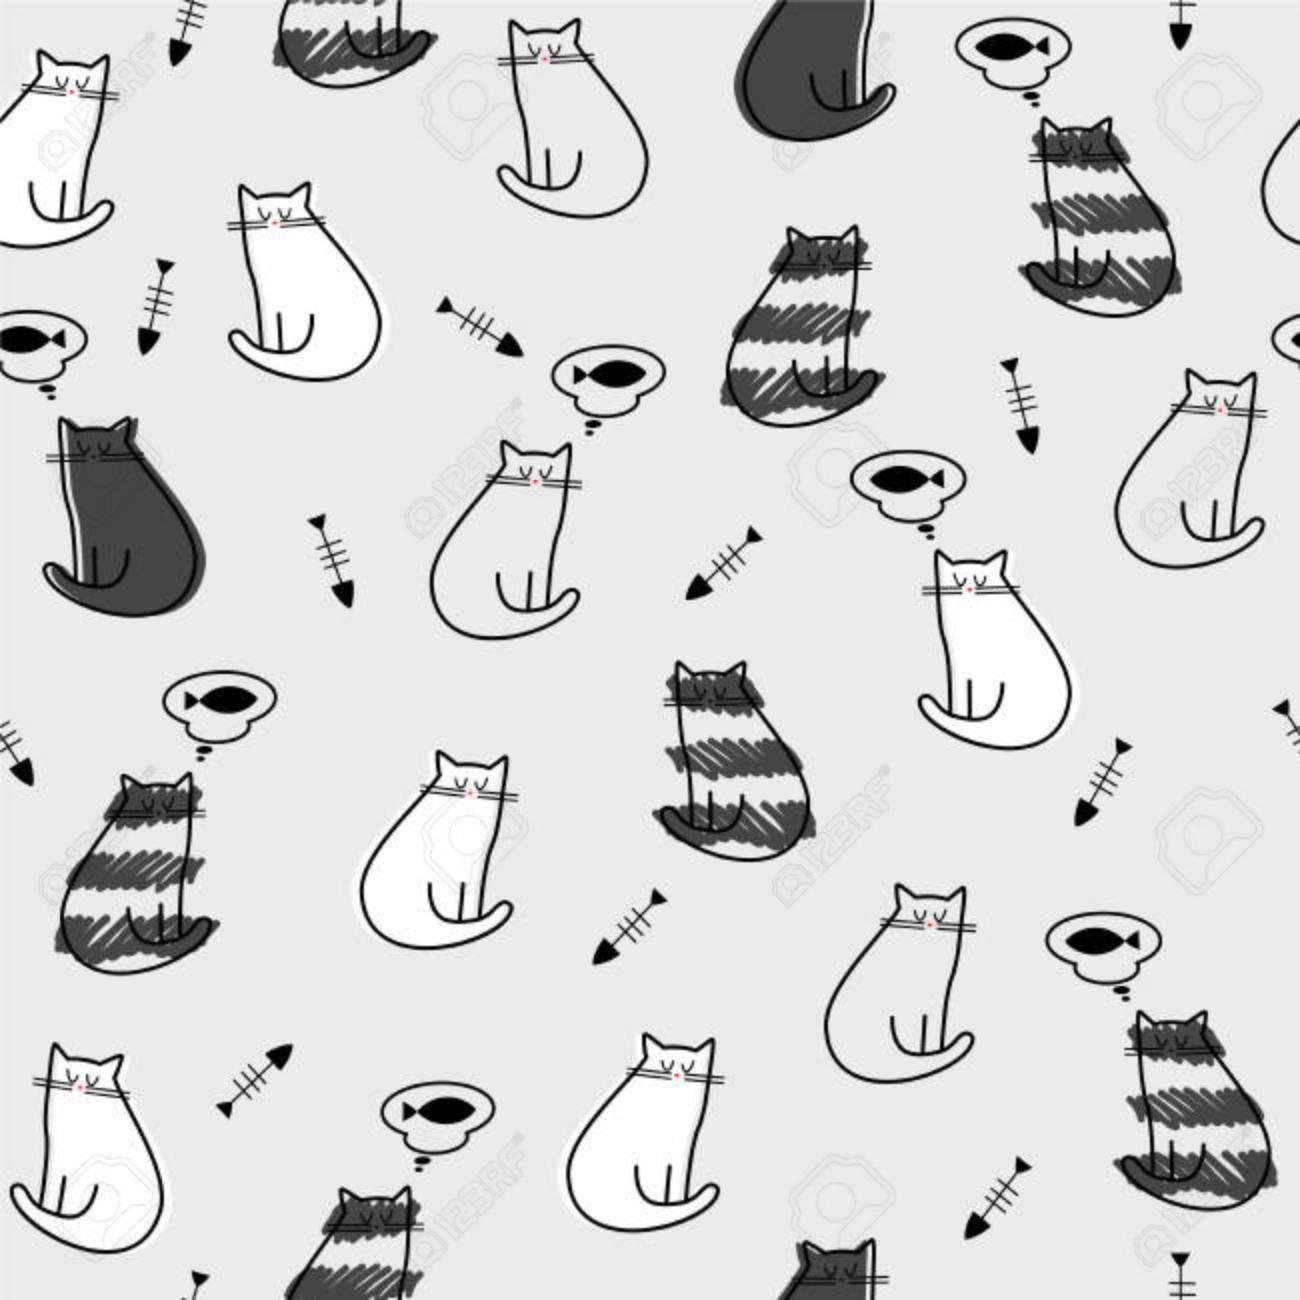 ベクトル イラスト シームレス パターン テクスチャ 背景壁紙猫魚骨